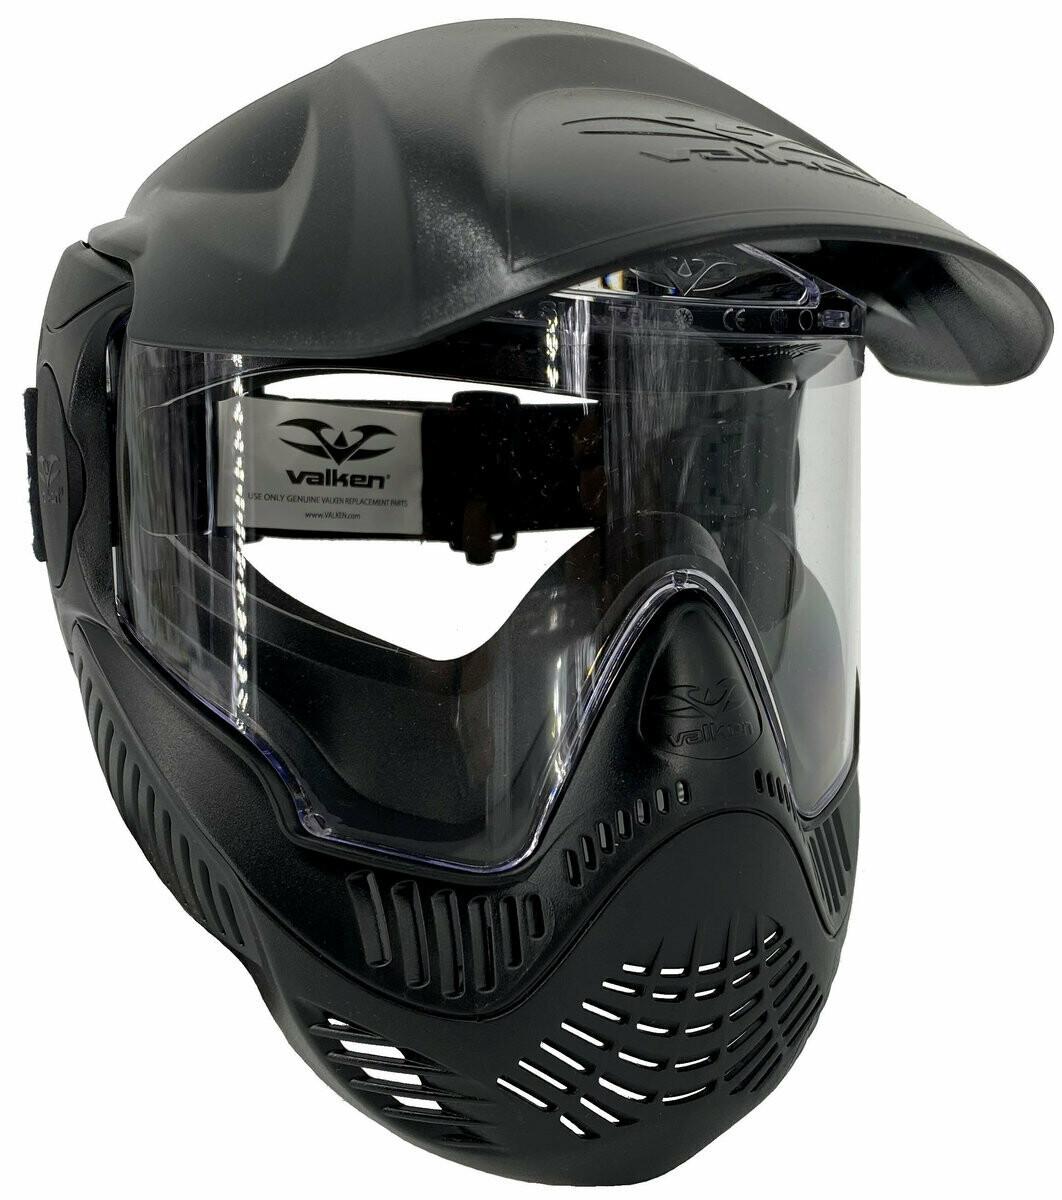 Valken Paintball MI-3 Field Goggle/Mask Single Lens